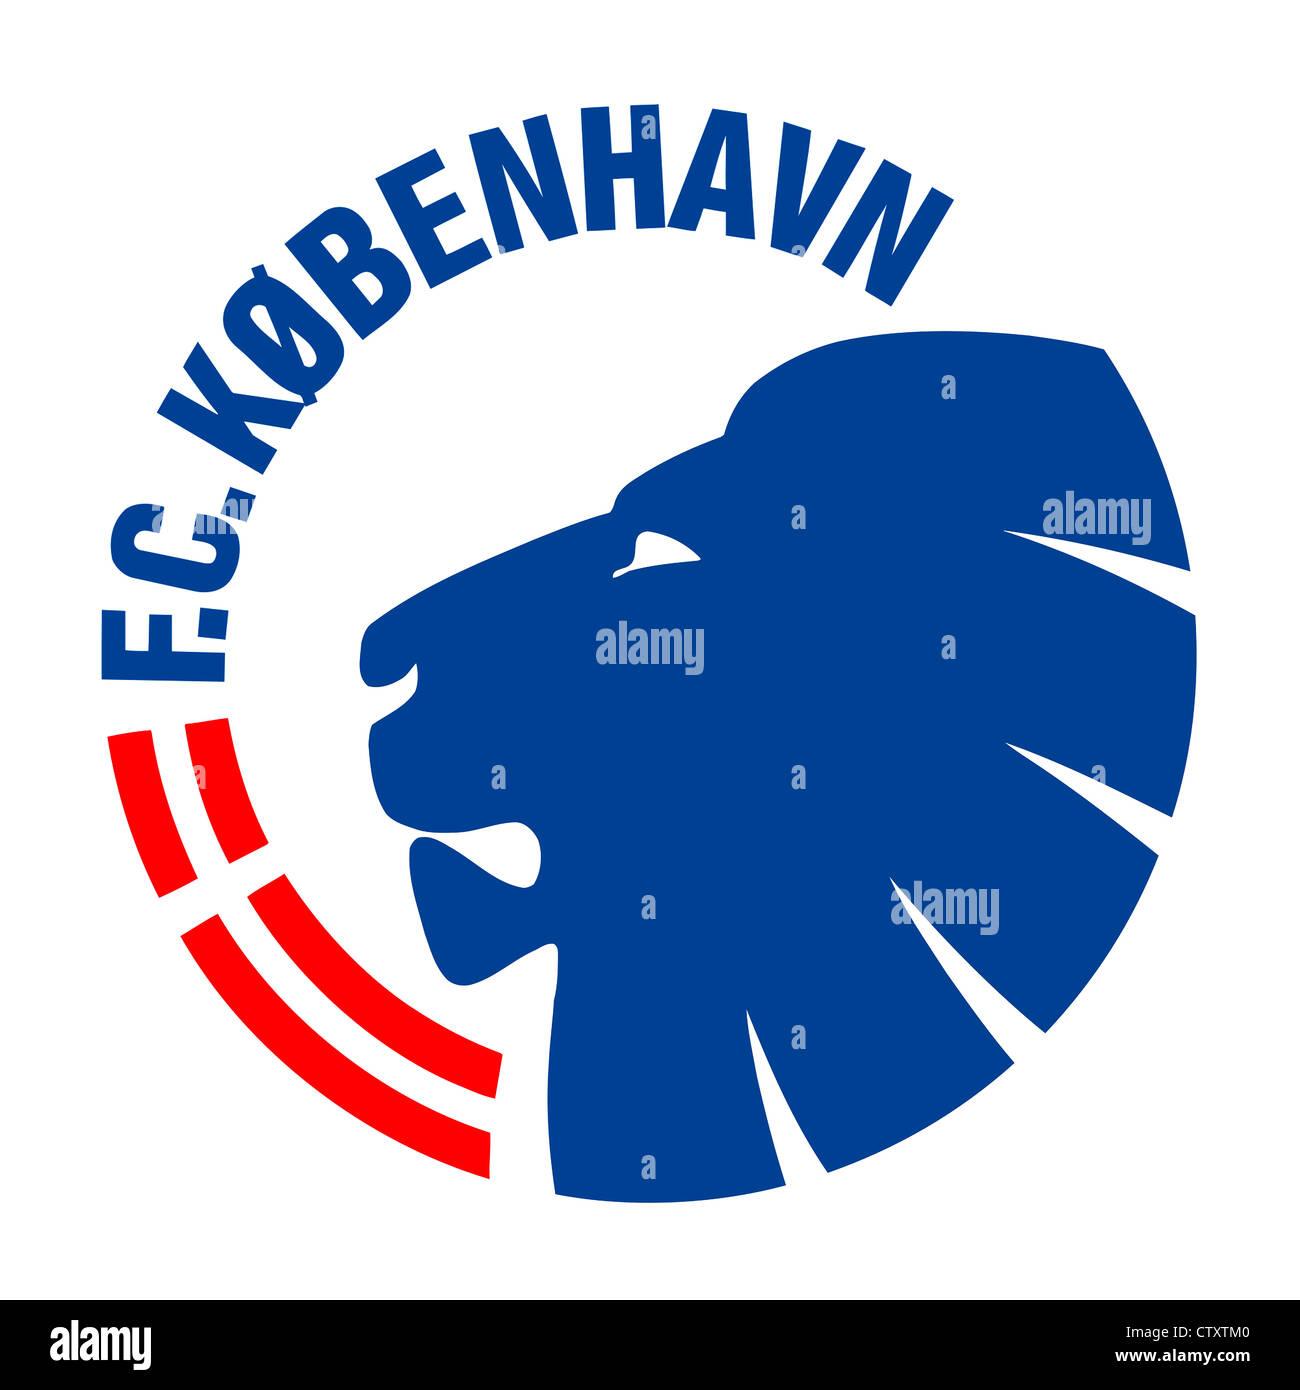 El logotipo del equipo de fútbol danés FC Copenhague. Foto de stock